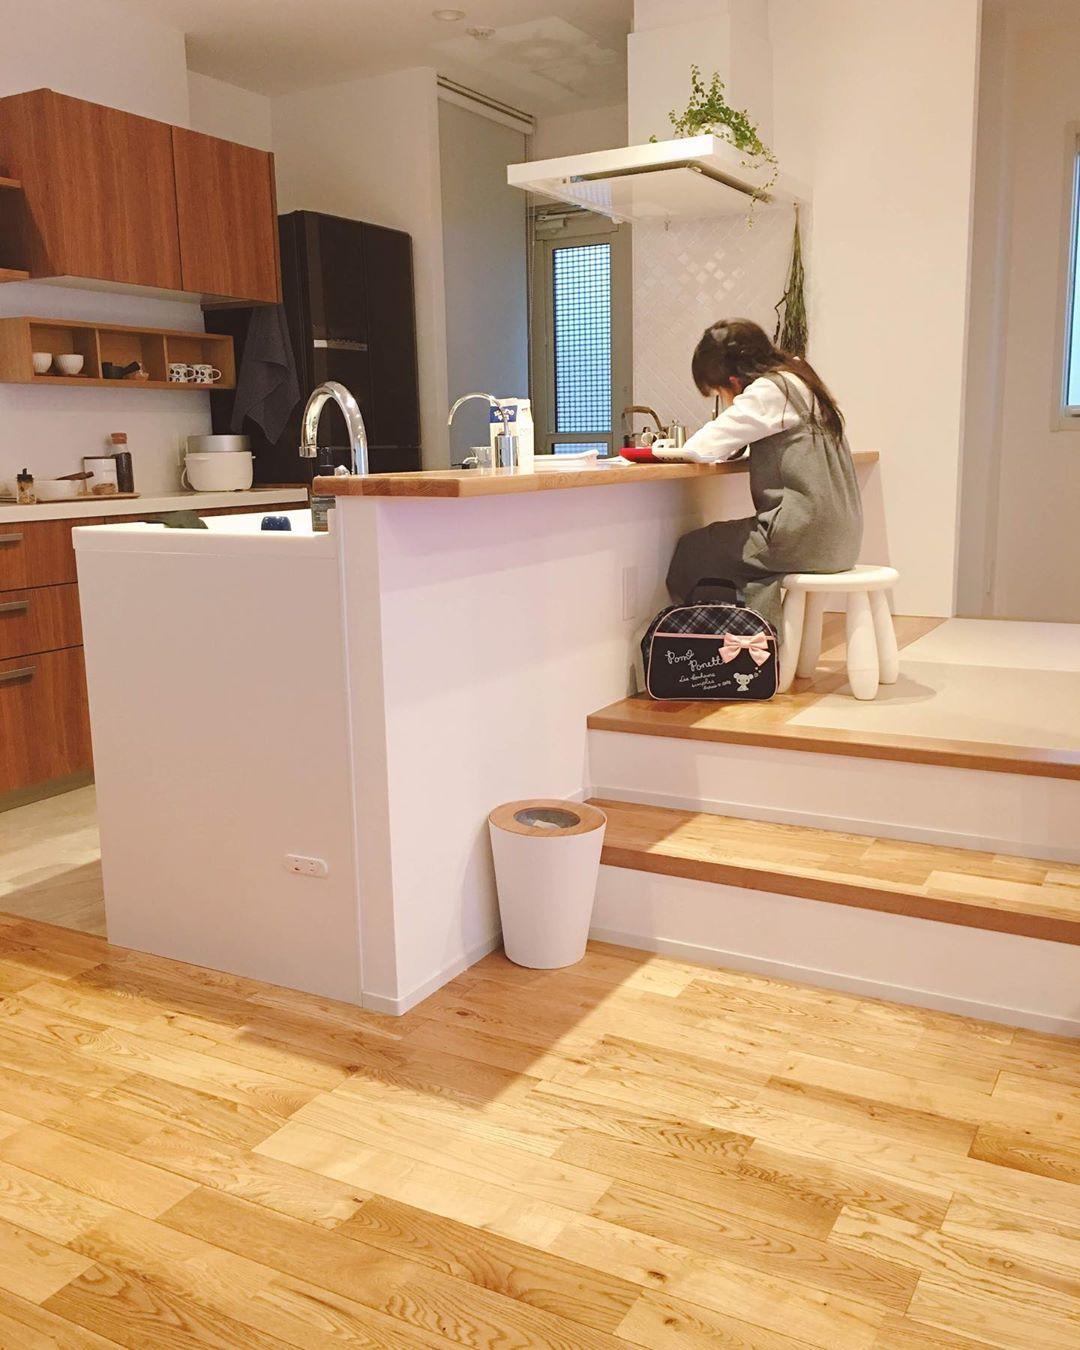 Desain Interior Rumah Gaya Jepang Minimalis Modern Sedikit